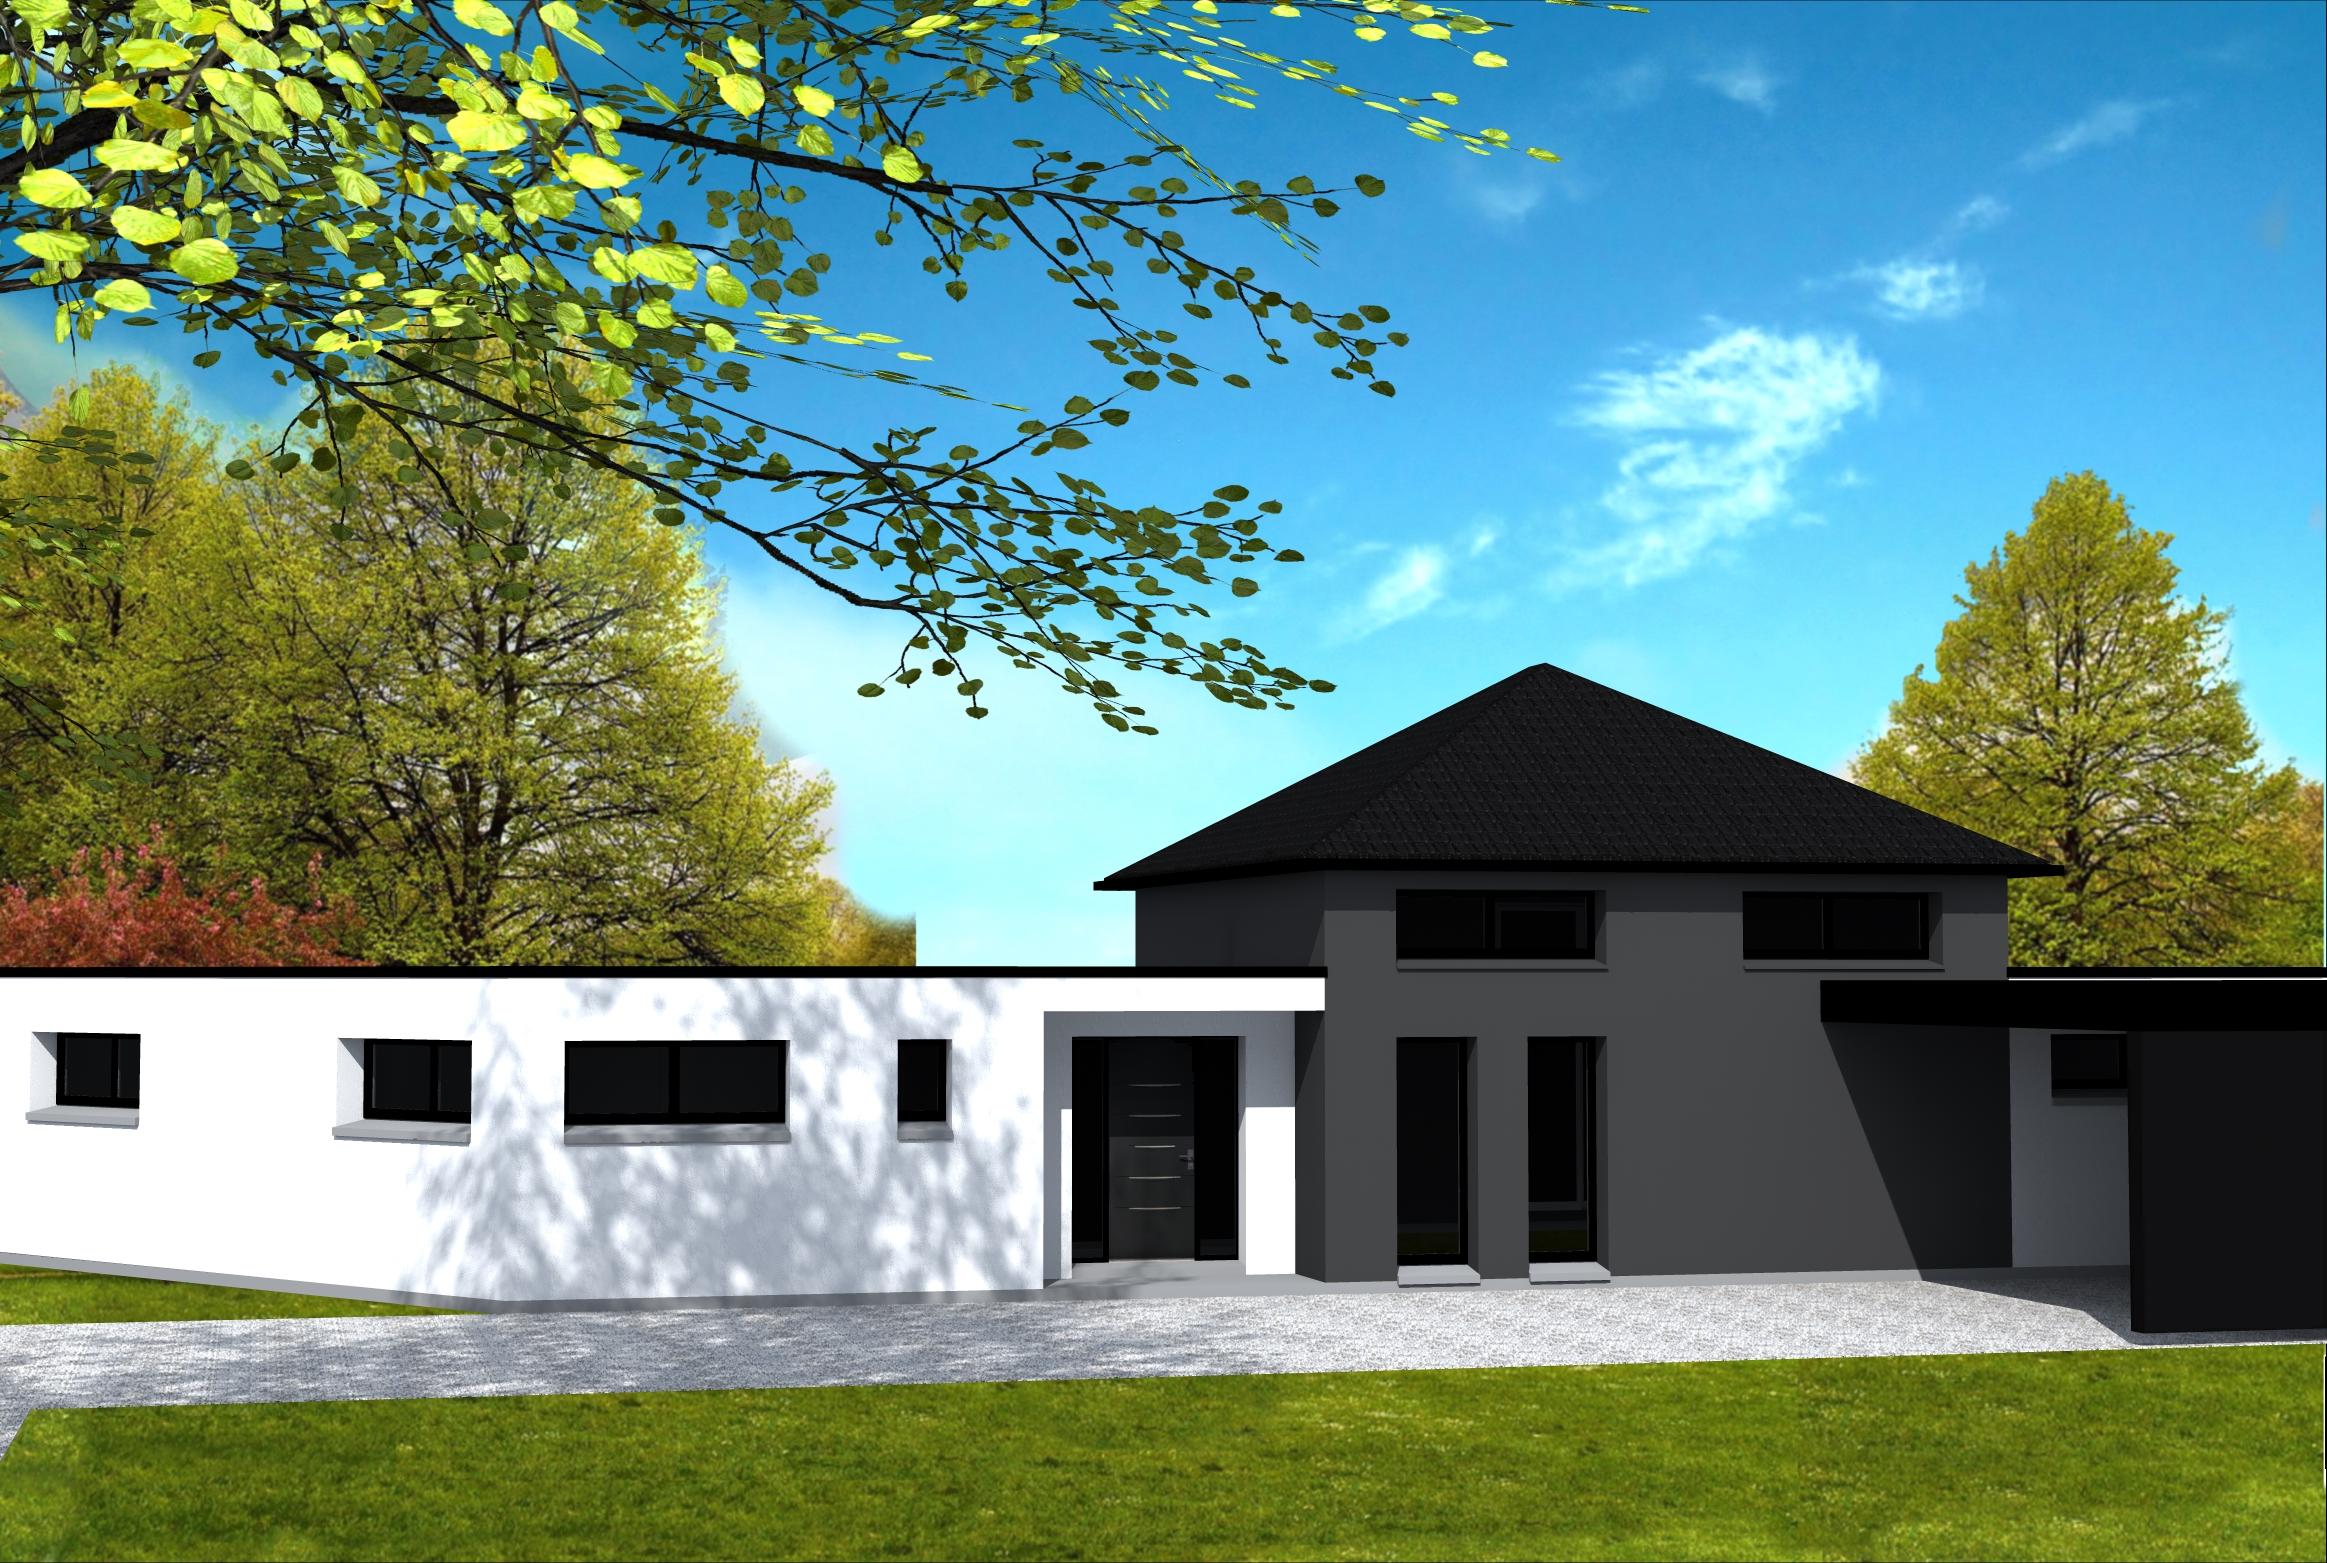 Construire une maison pas trop cher for Plan de maison pas cher a construire